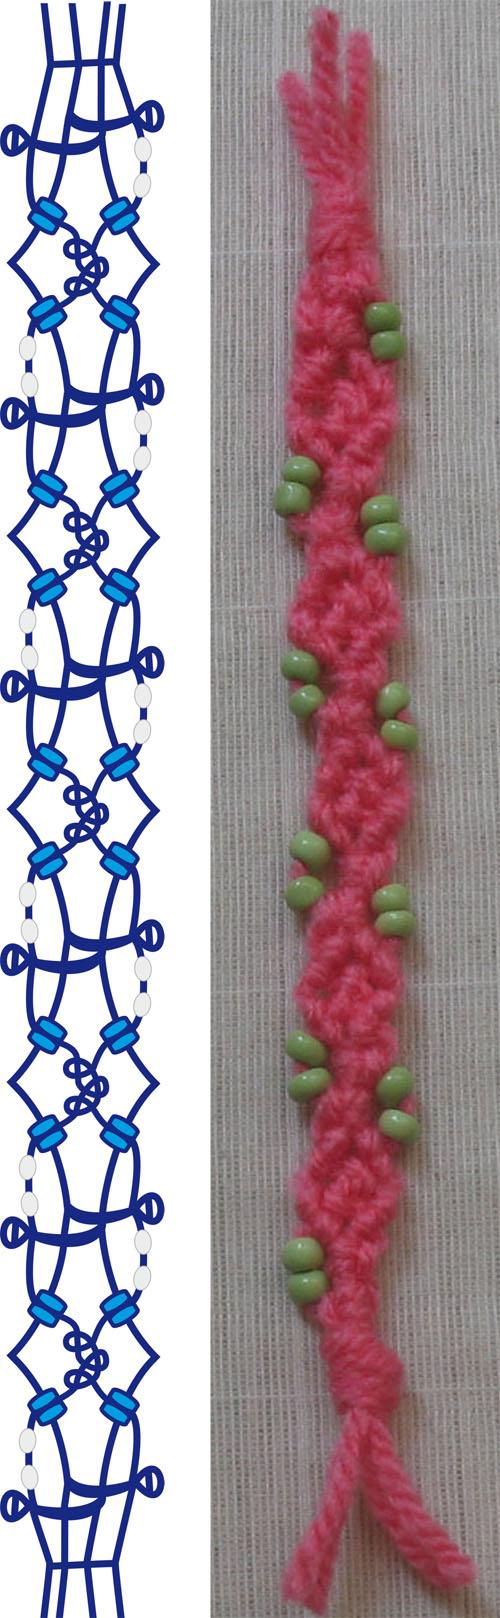 Макраме идея в виде розовой тесёмки с бисером.  В плетении использовала три узла.